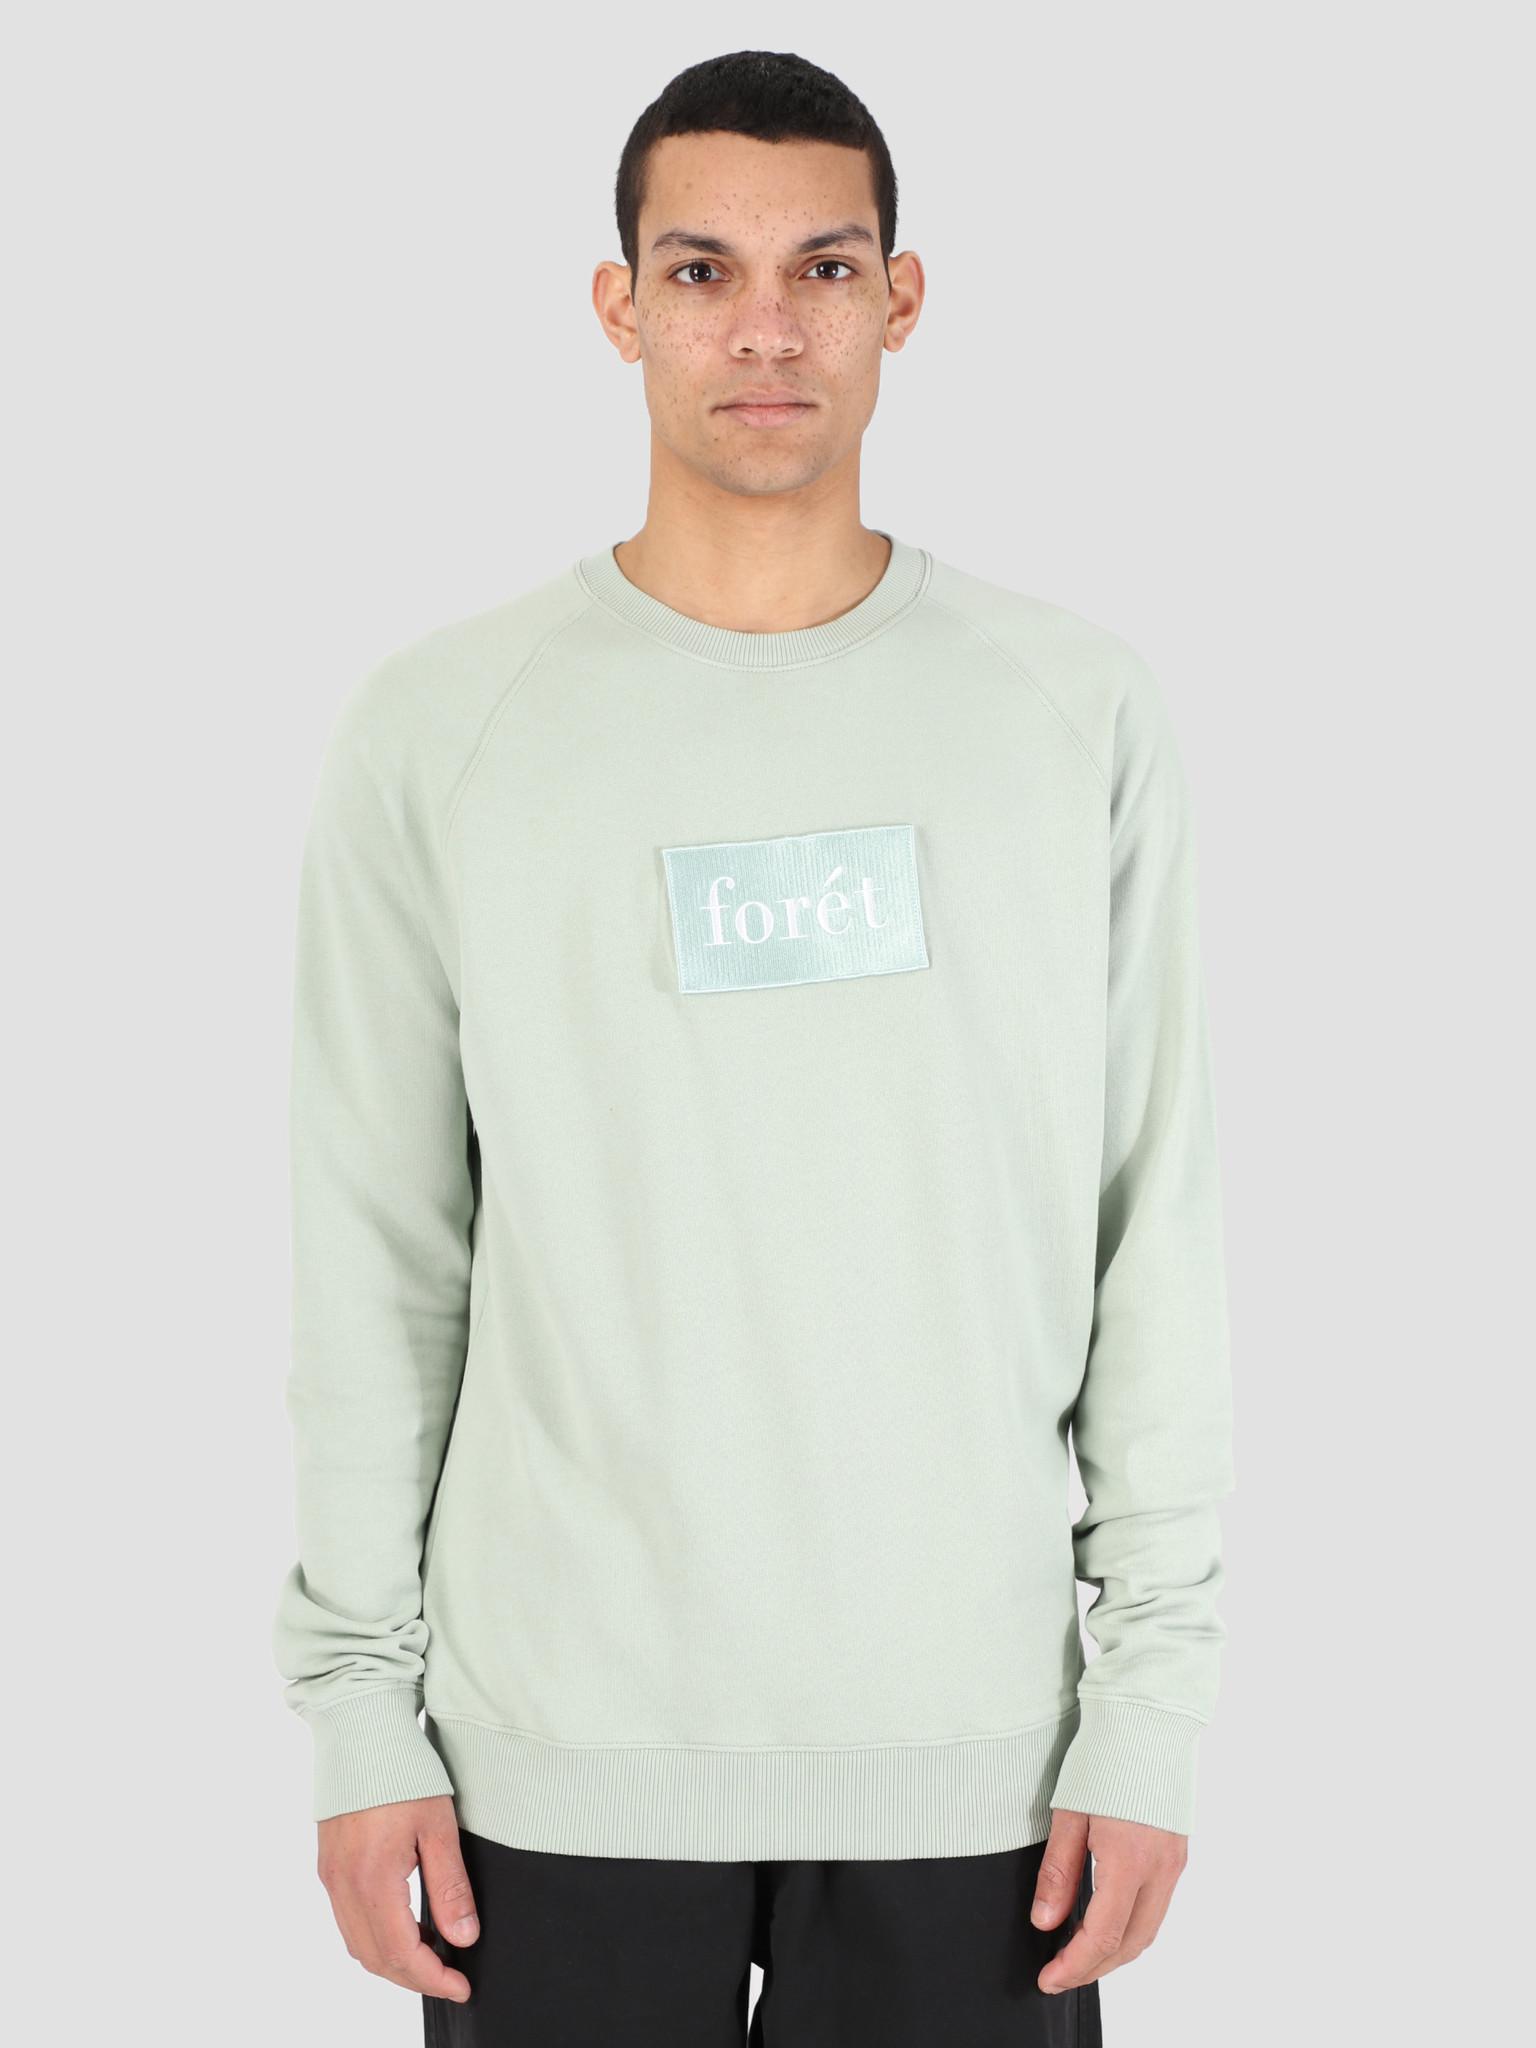 Foret Foret Float Sweatshirt Sage Green F101